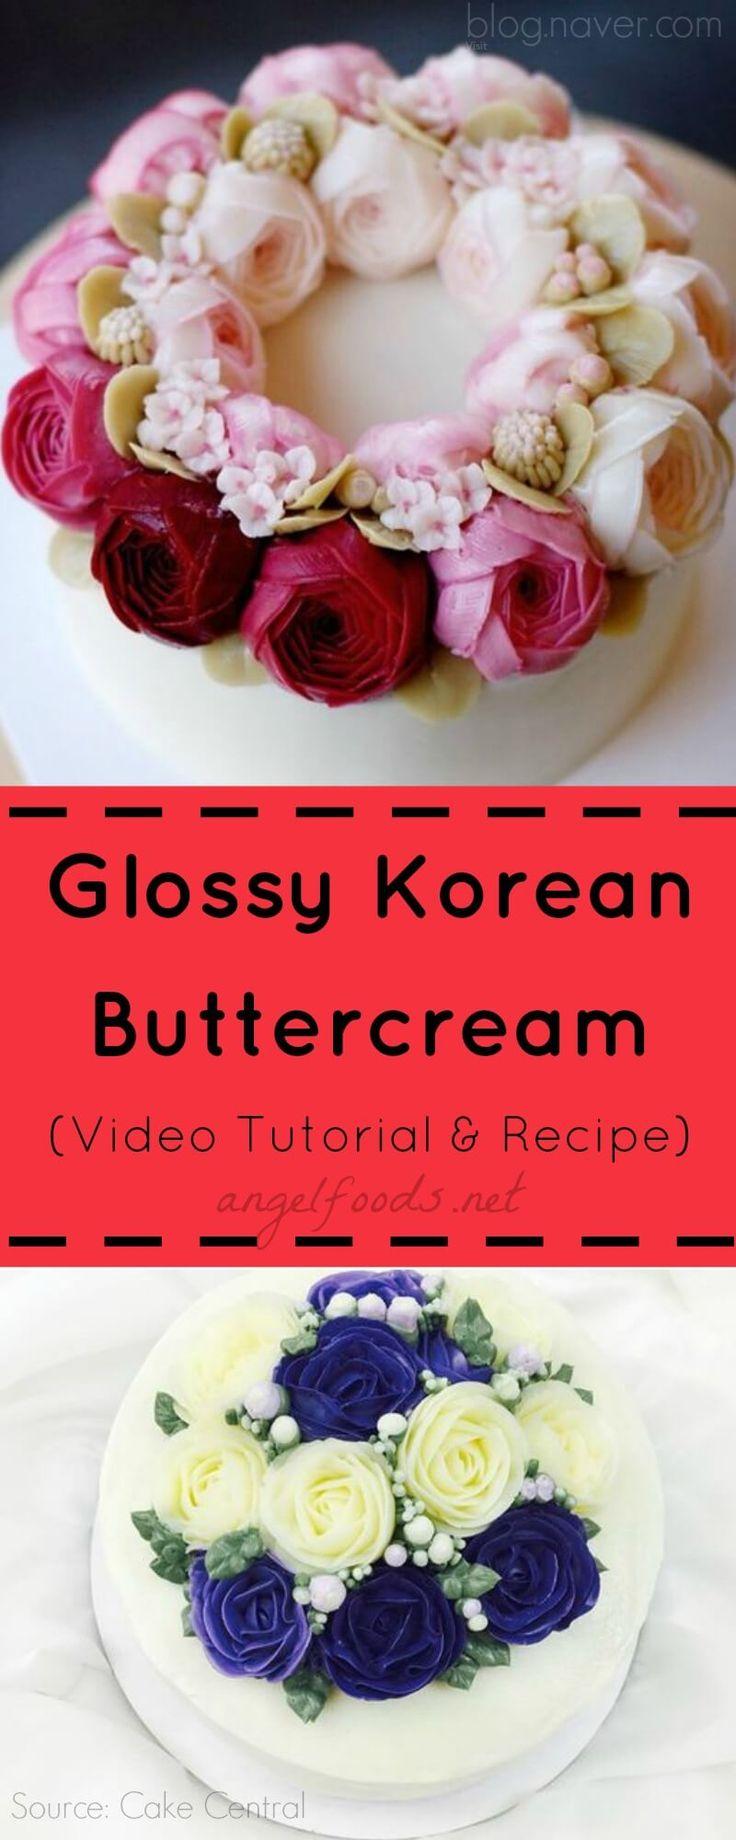 Glossy Korean Buttercream (Video Tutorial